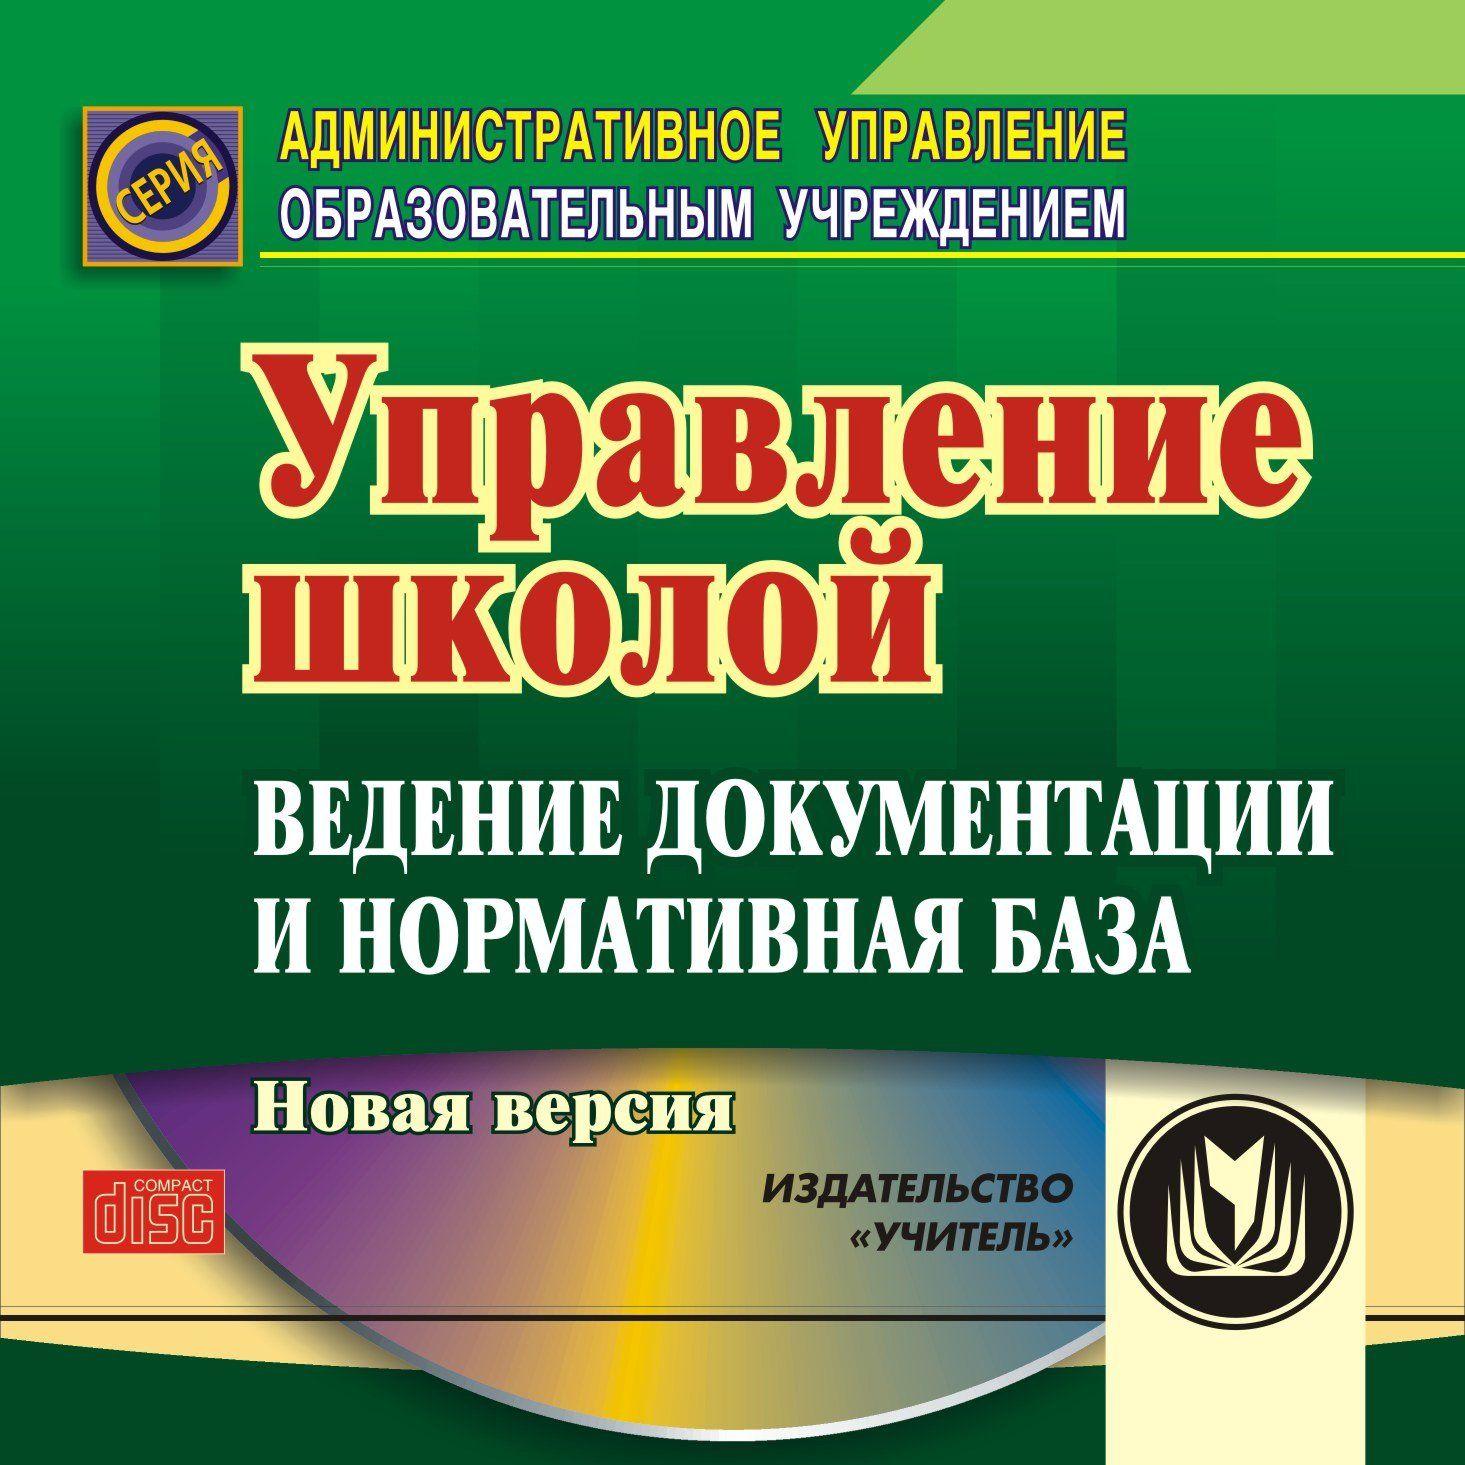 Управление школой: ведение документации и нормативная база. Программа для установки через Интернет